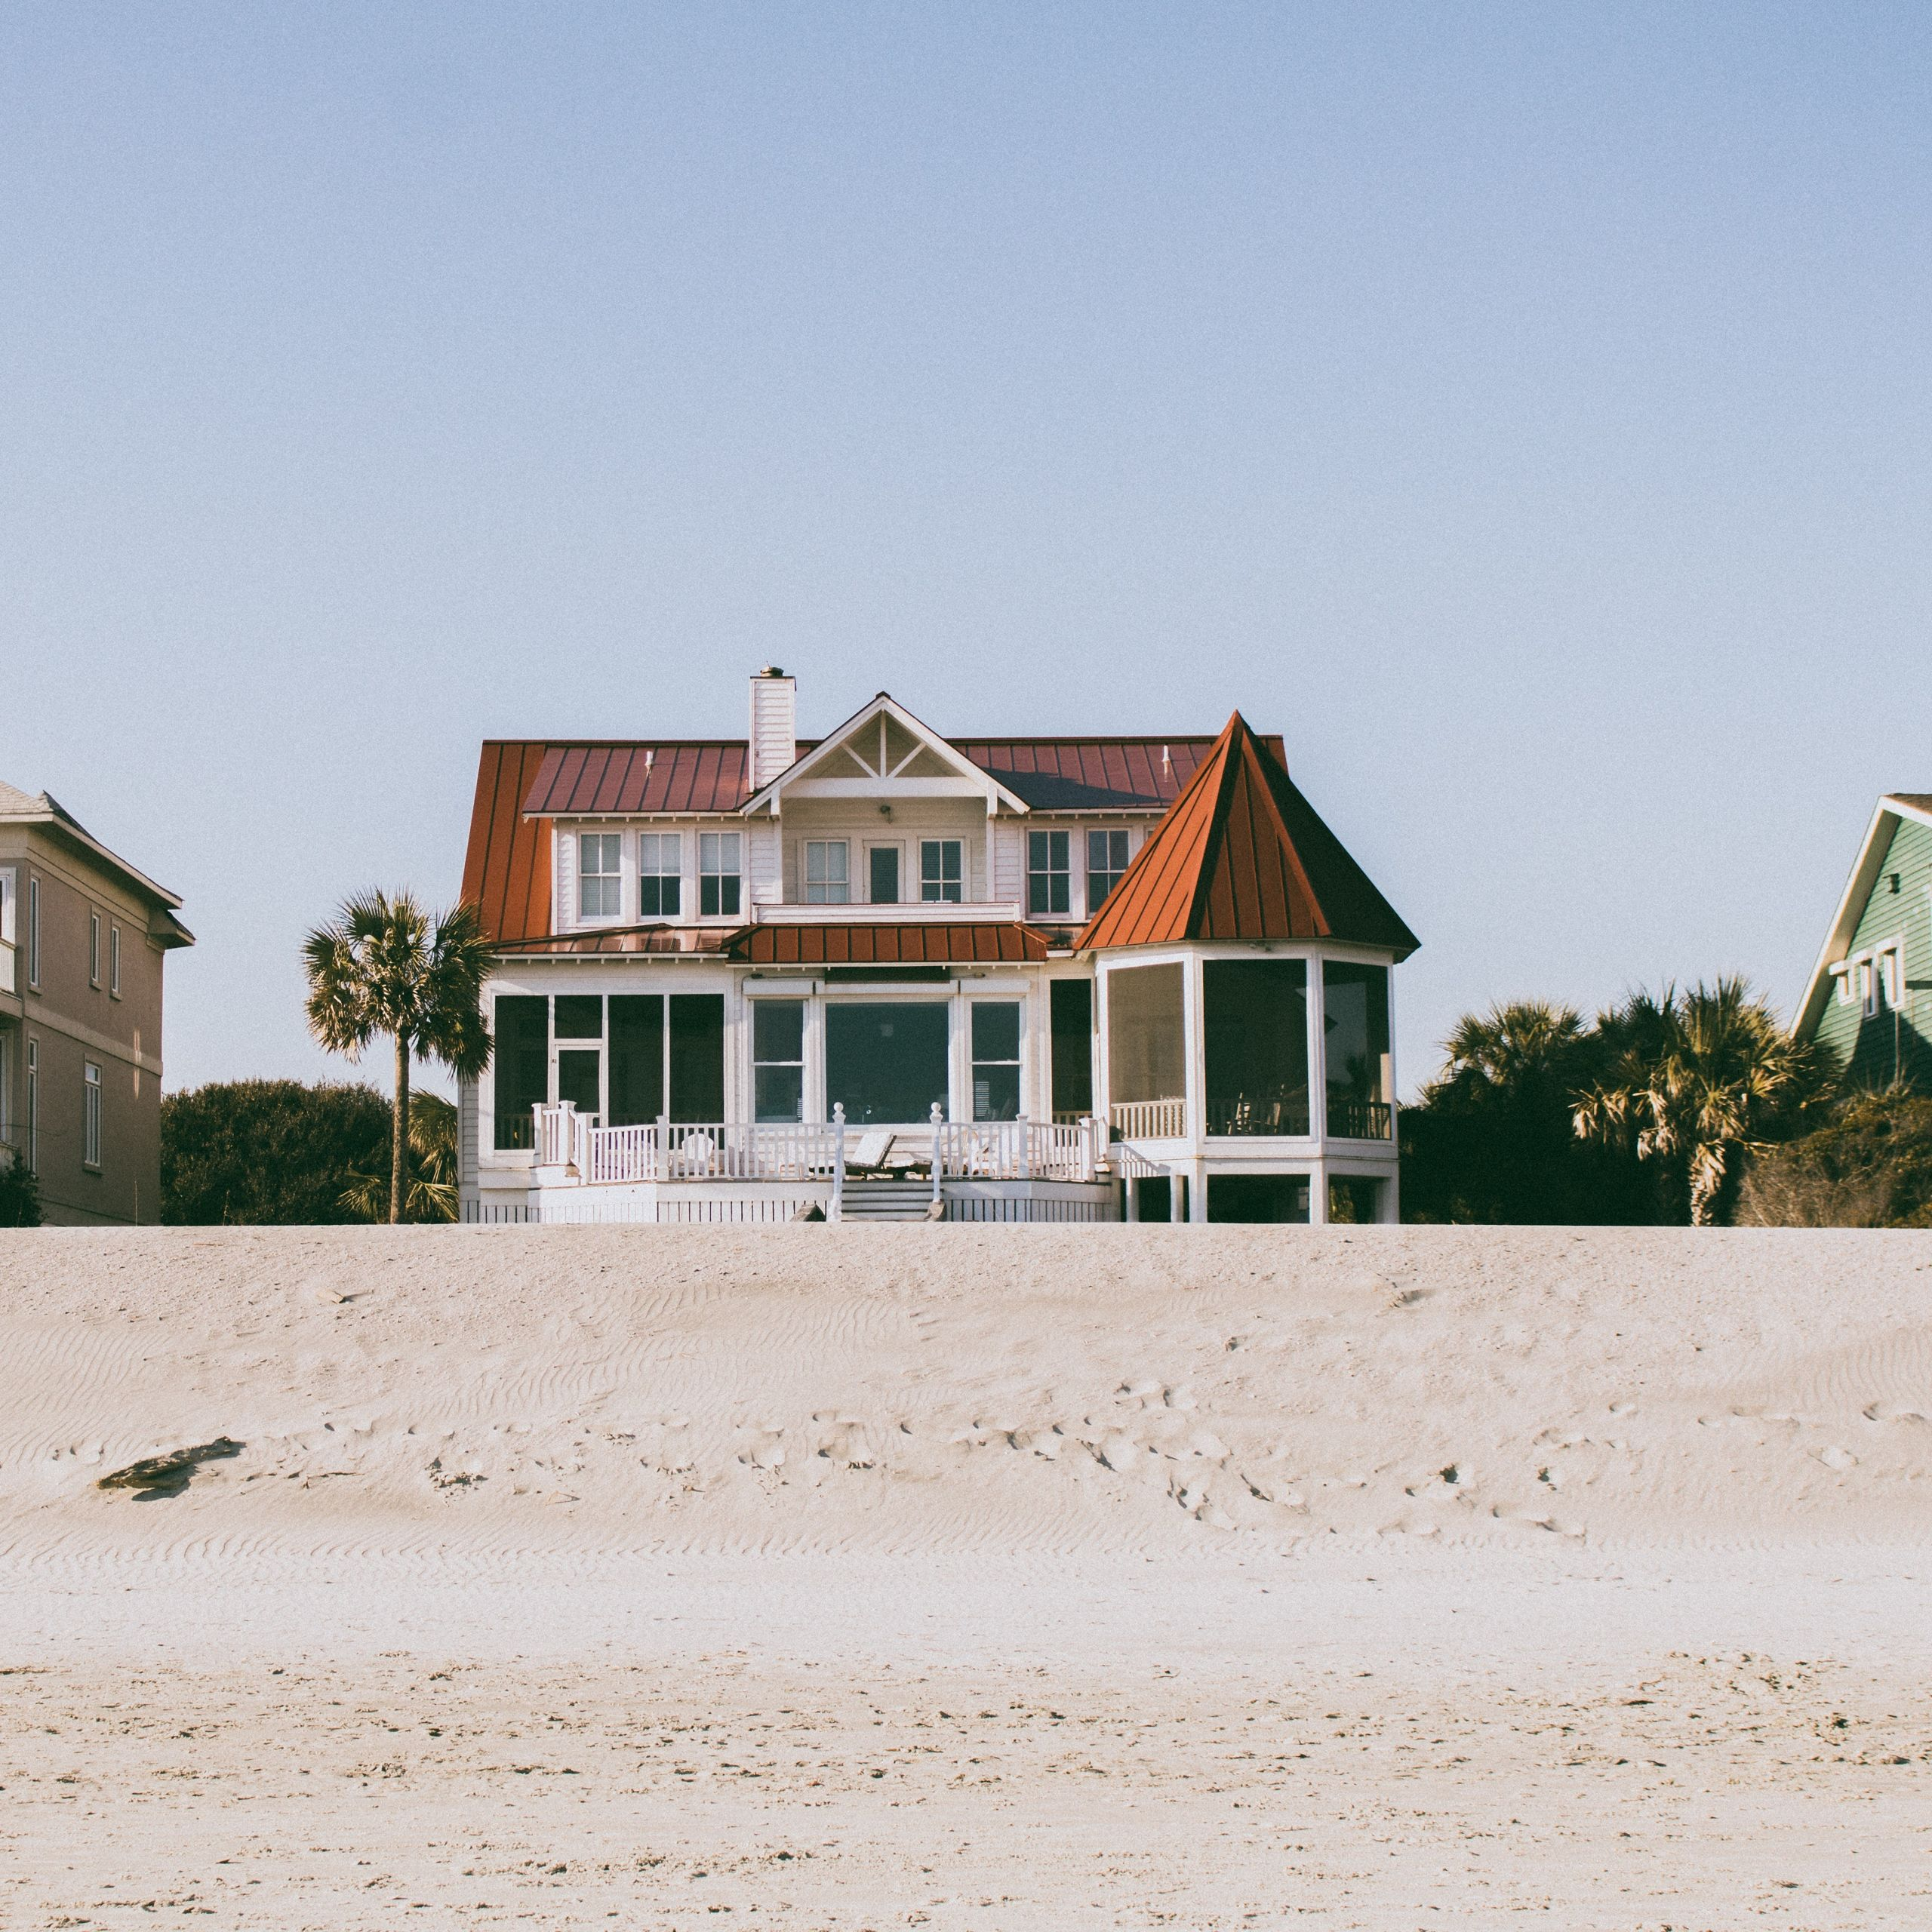 Overvejer du at leje dit hus ud til sommer?